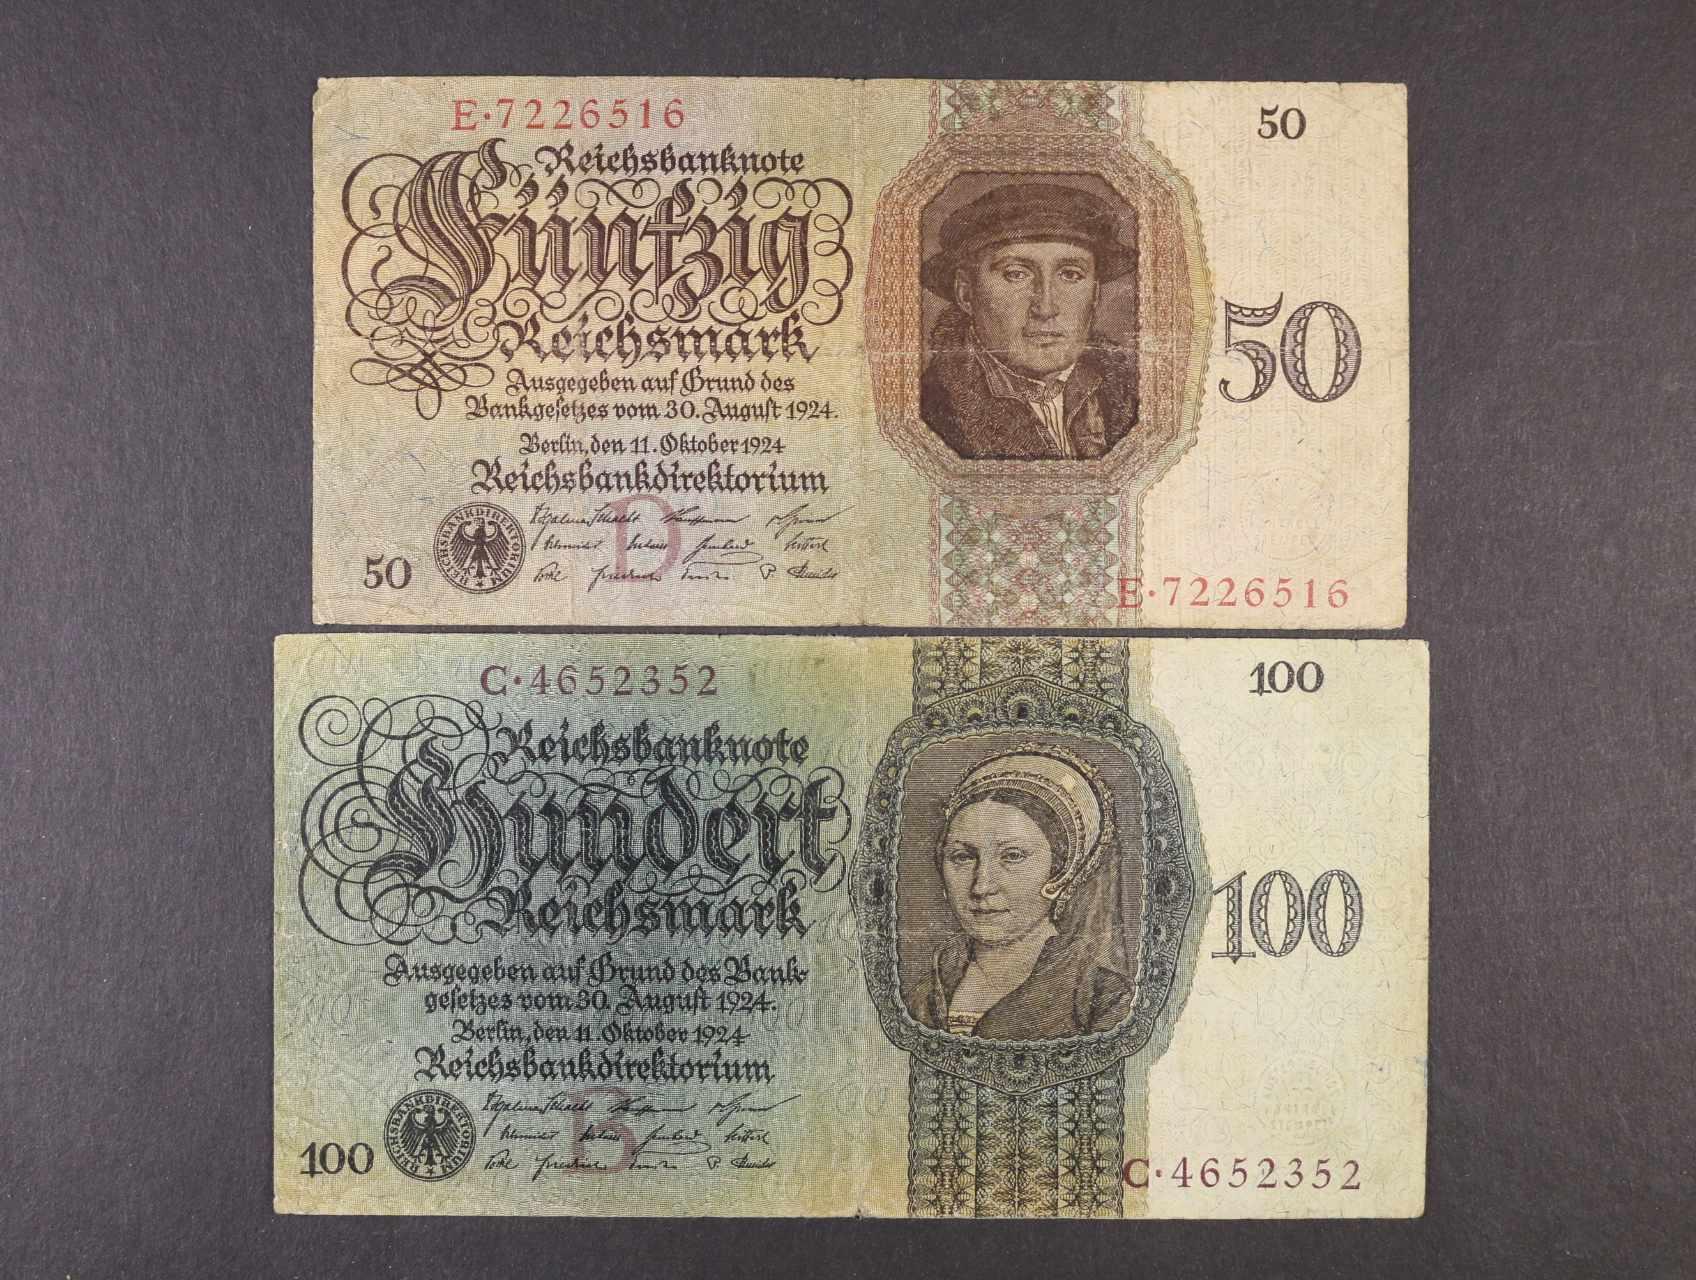 50 RM 11.10.1924 série E, podtiskové písmeno D a 100 RM 11.10.1924 série C, podtiskové písmeno B, platné na ČS území, Ro. 170, 171, Ba. D5, D7